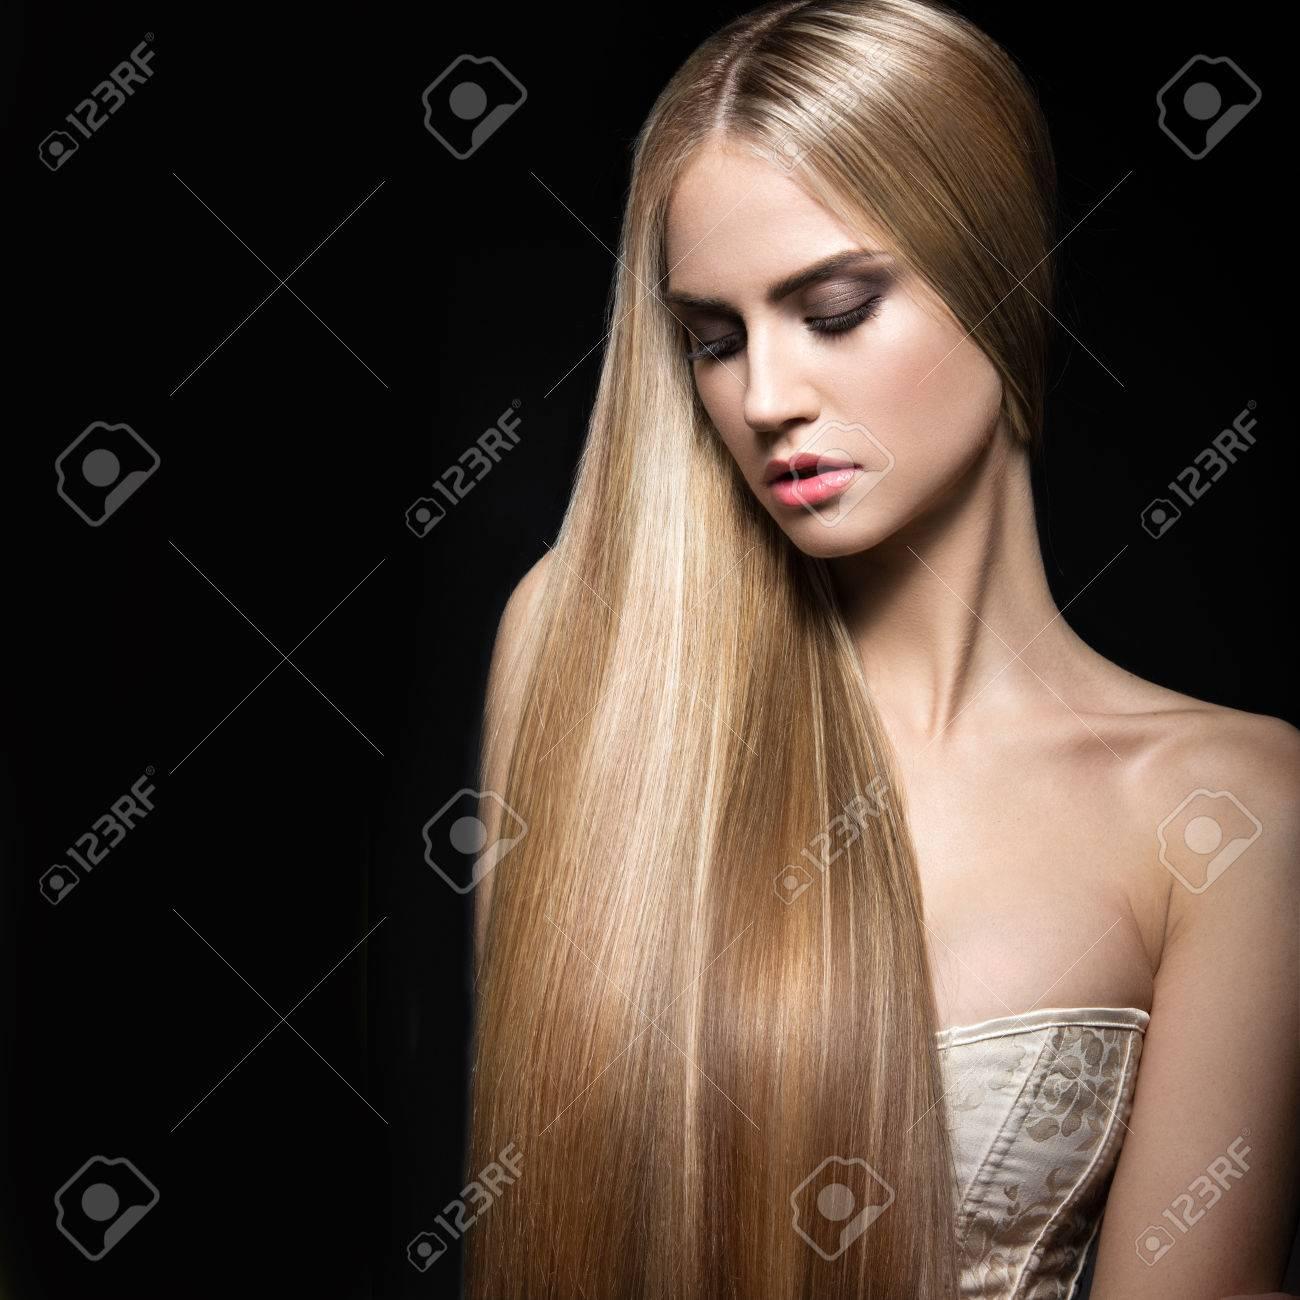 Schöne Blonde Mädchen Mit Einem Perfekt Glattes Haar Und Klassischen